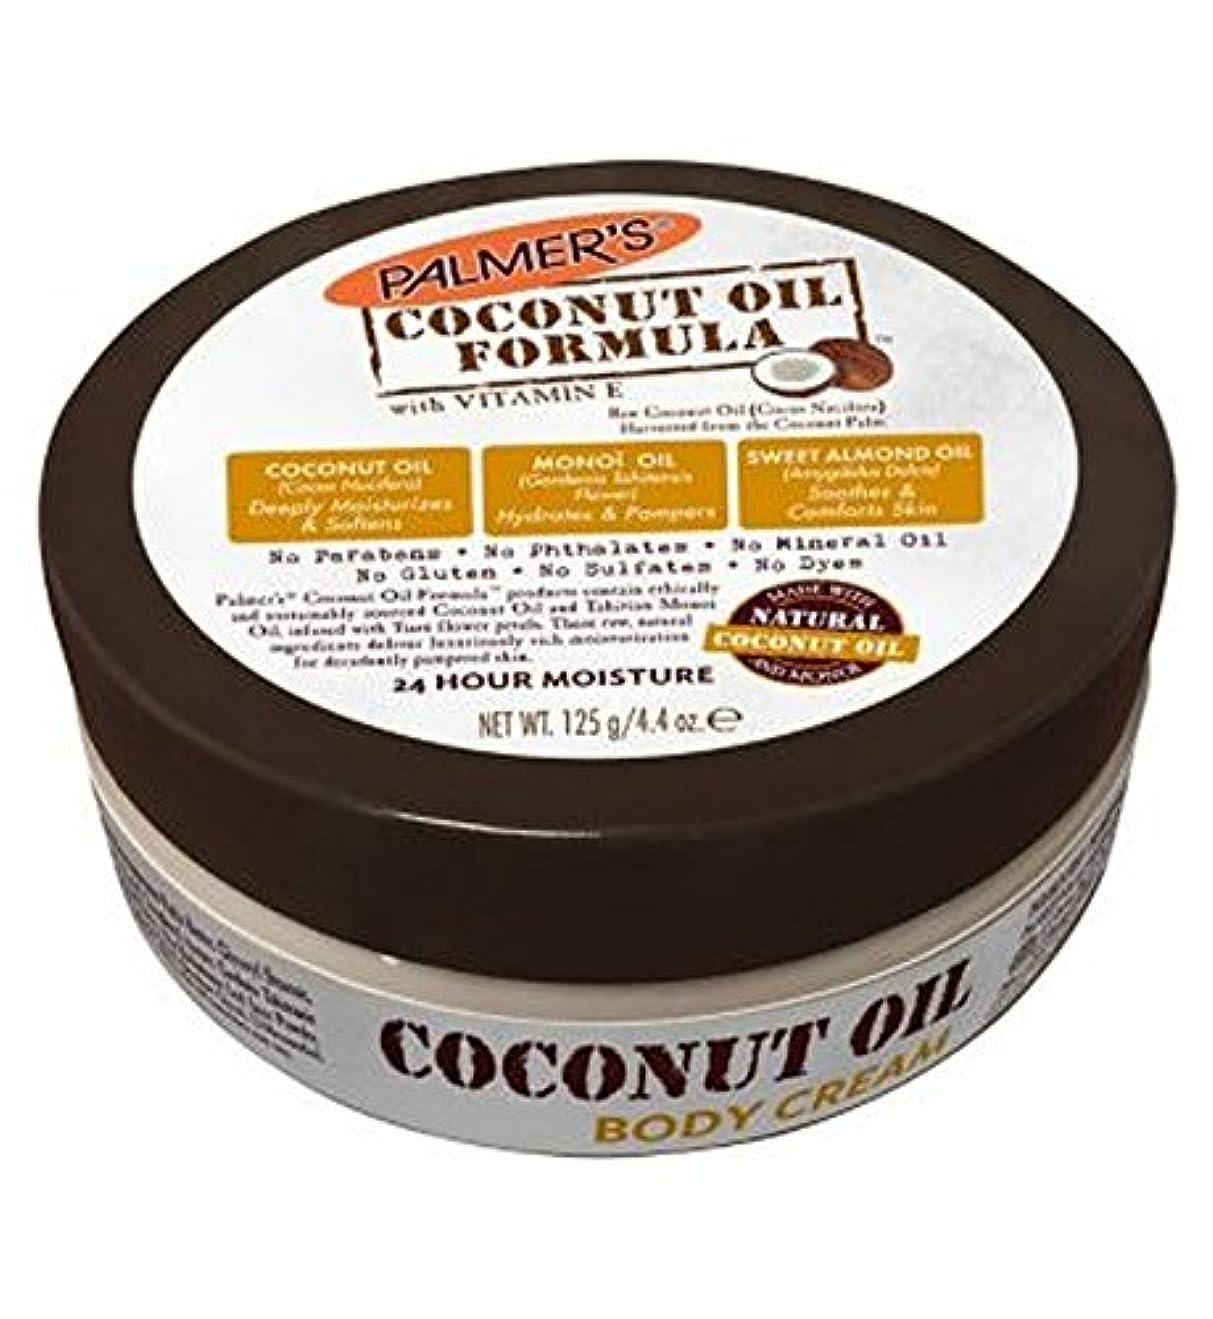 ガム夜明け村Palmer's Coconut Oil Formula Body Cream 125g - パーマーのヤシ油式ボディクリーム125グラム (Palmer's) [並行輸入品]